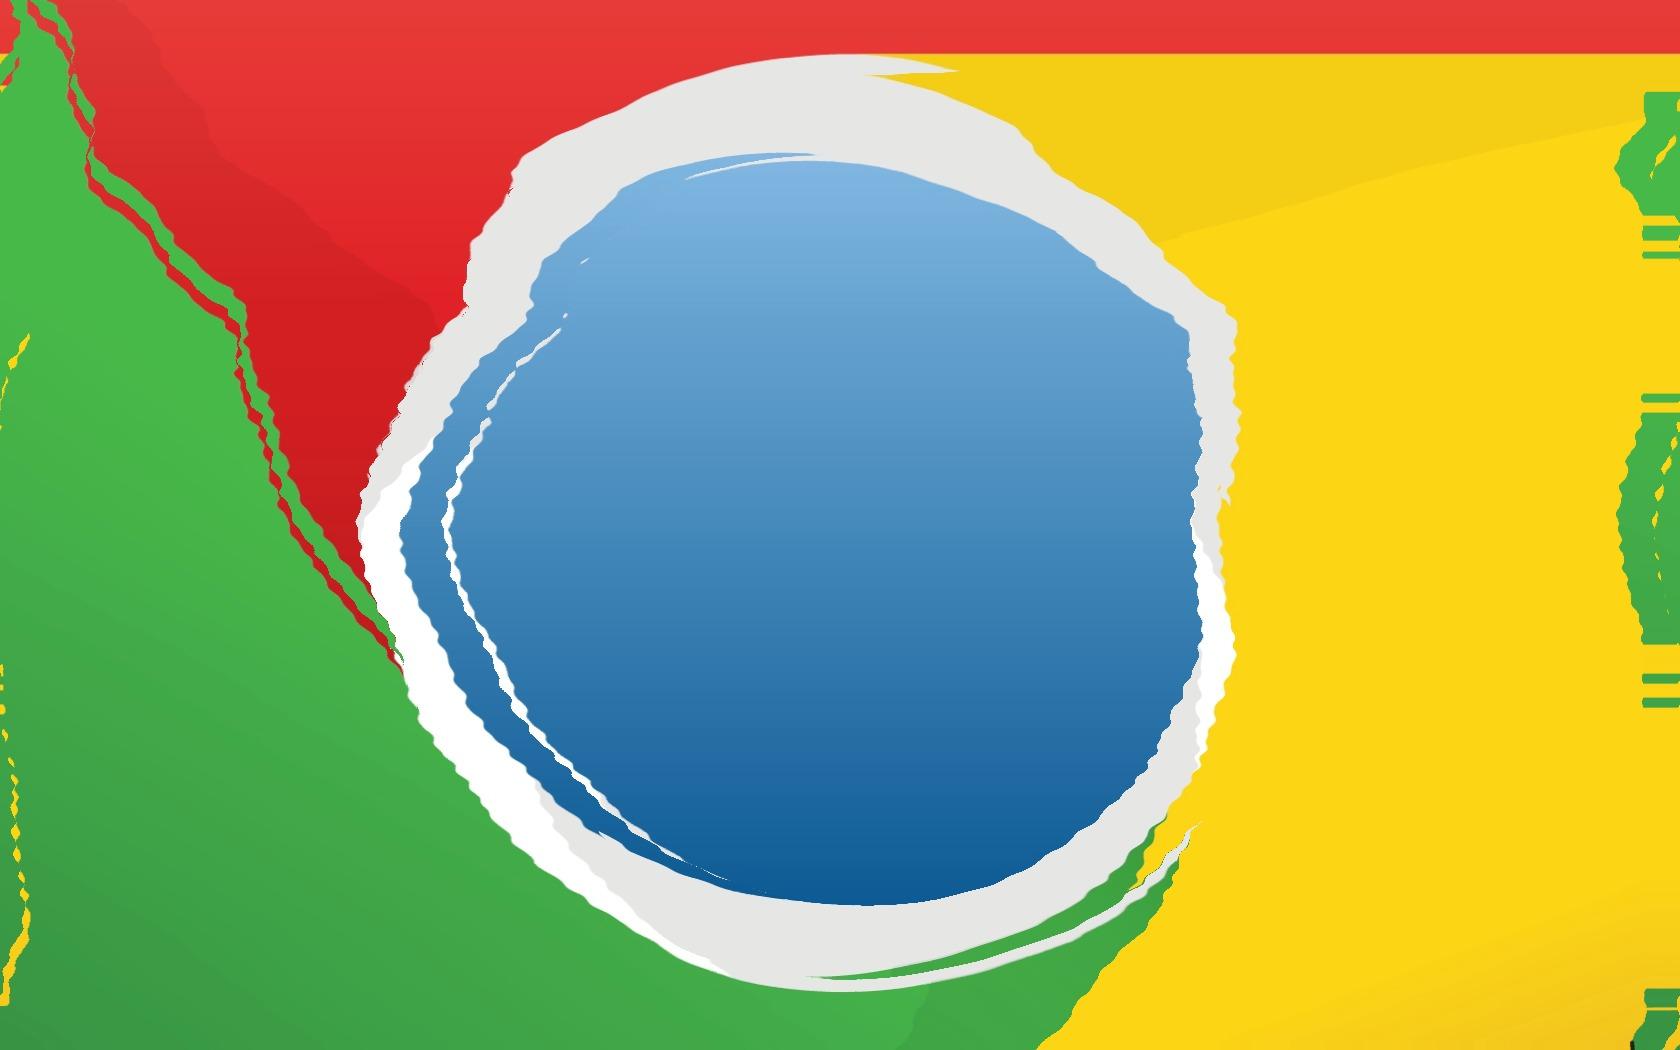 В Google Chrome исправлена 0-day уязвимость, находящаяся под атаками